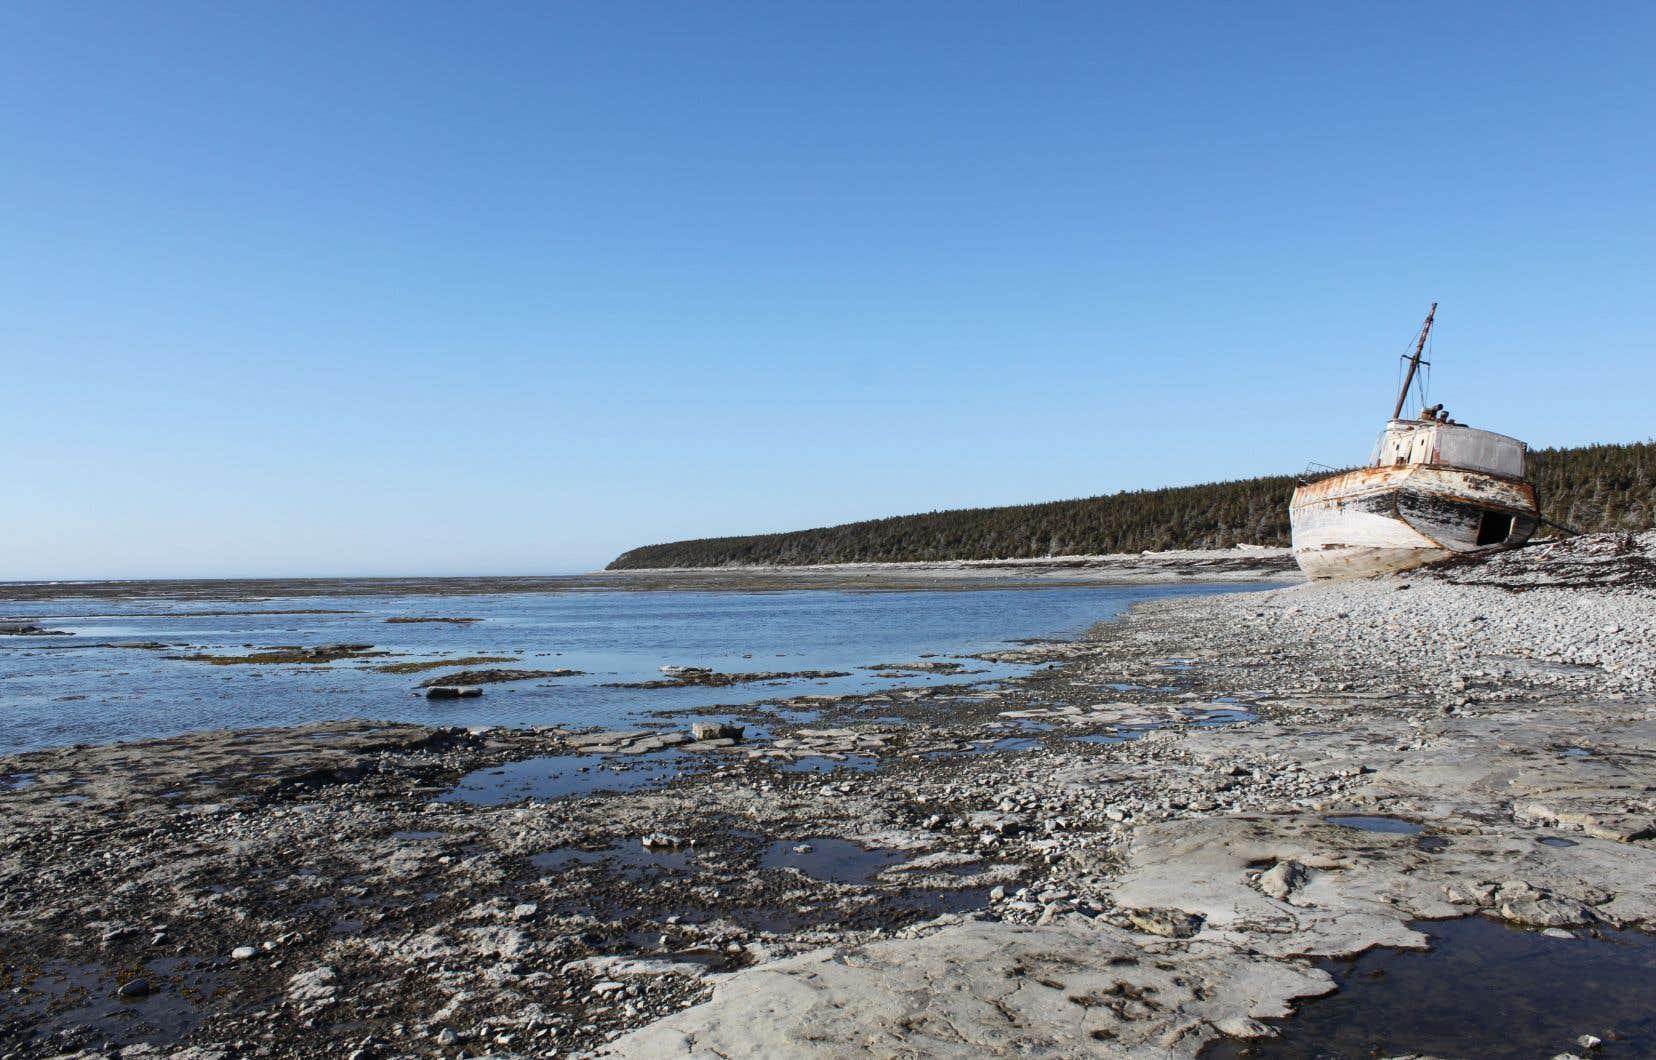 L'histoire de l'île d'Anticosti est parsemée de centaines de naufrages, si bien que les bateaux échoués sur la grève font partie du paysage.